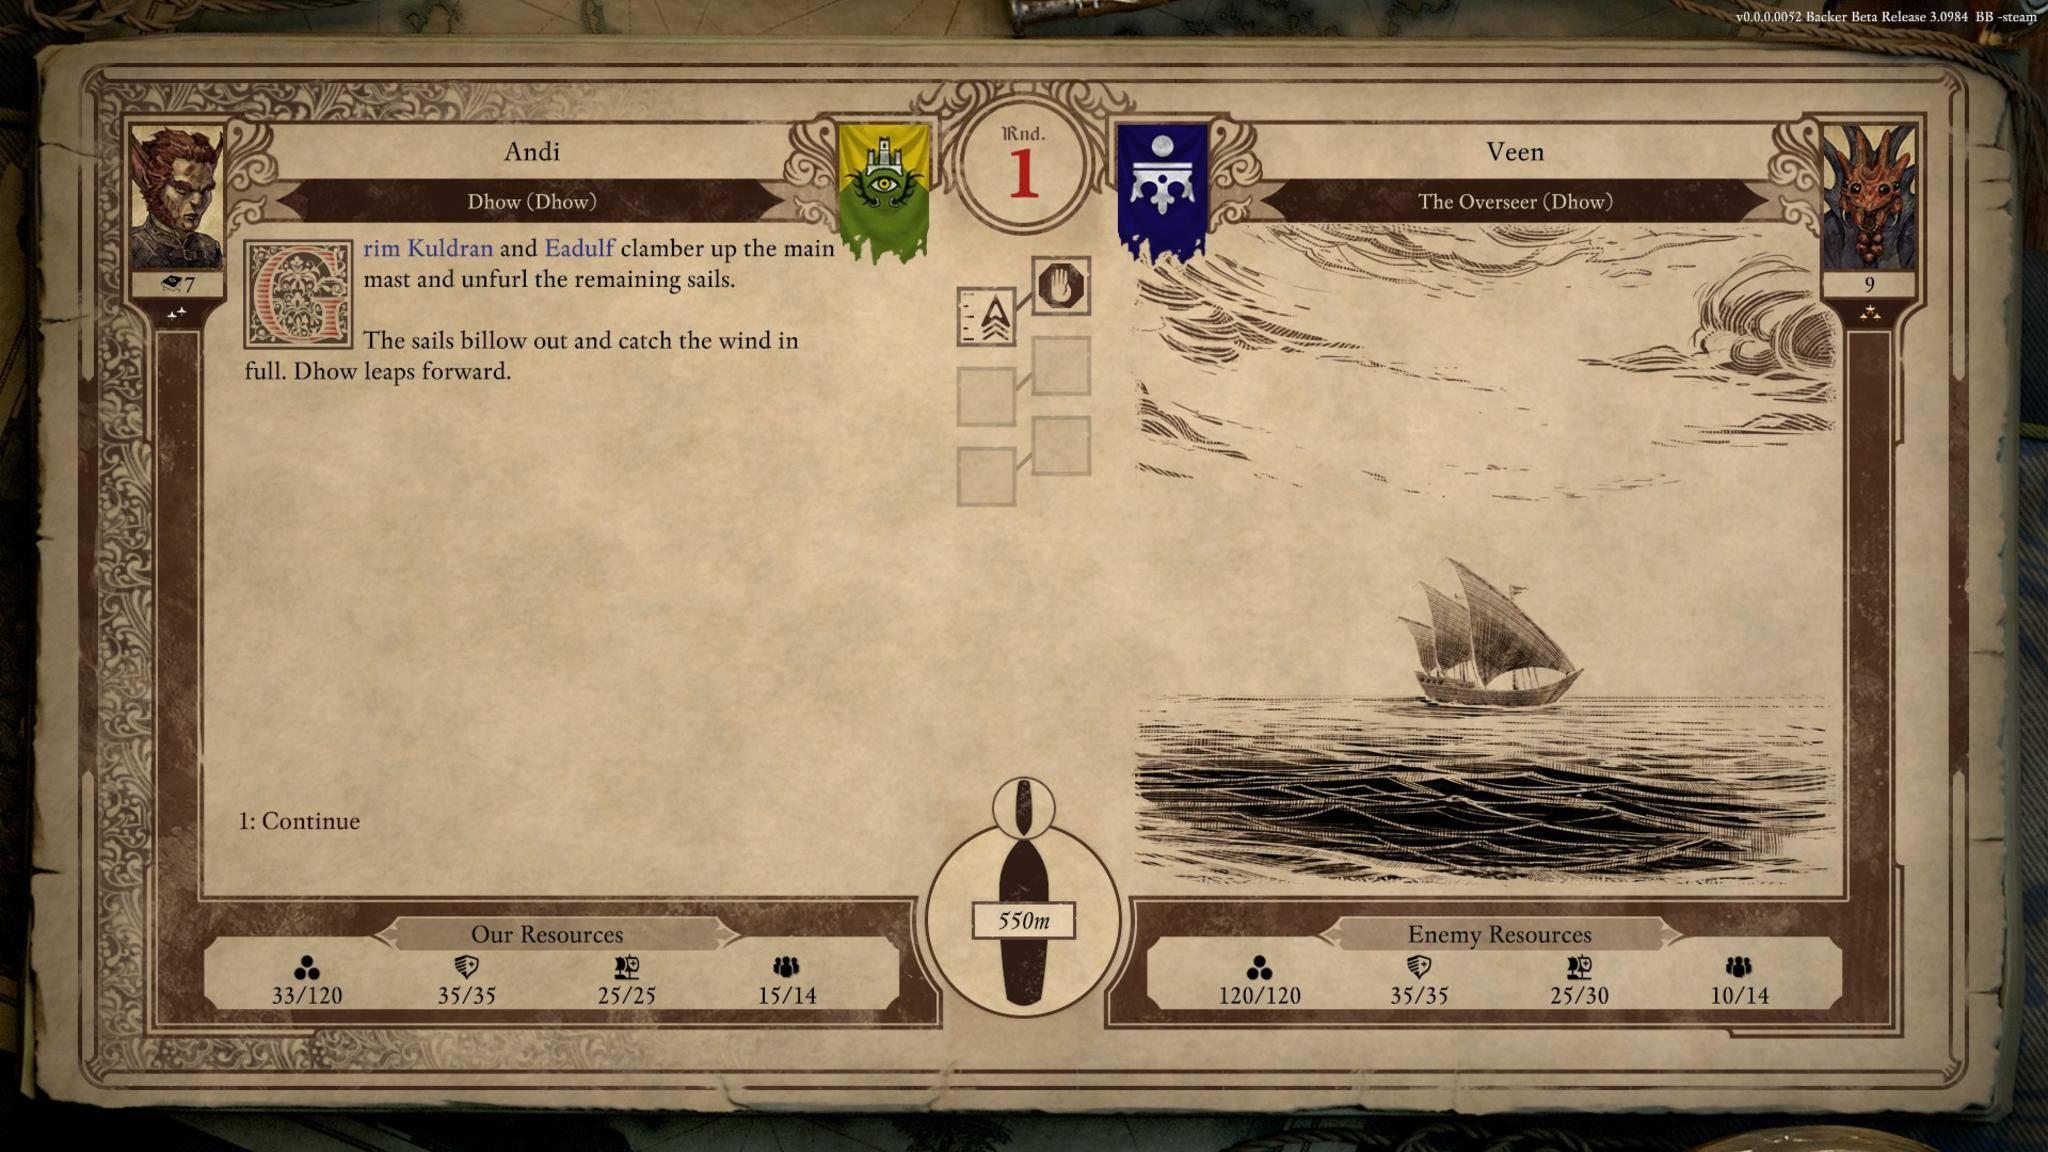 Mutig segeln wir dem Feind entgegen.